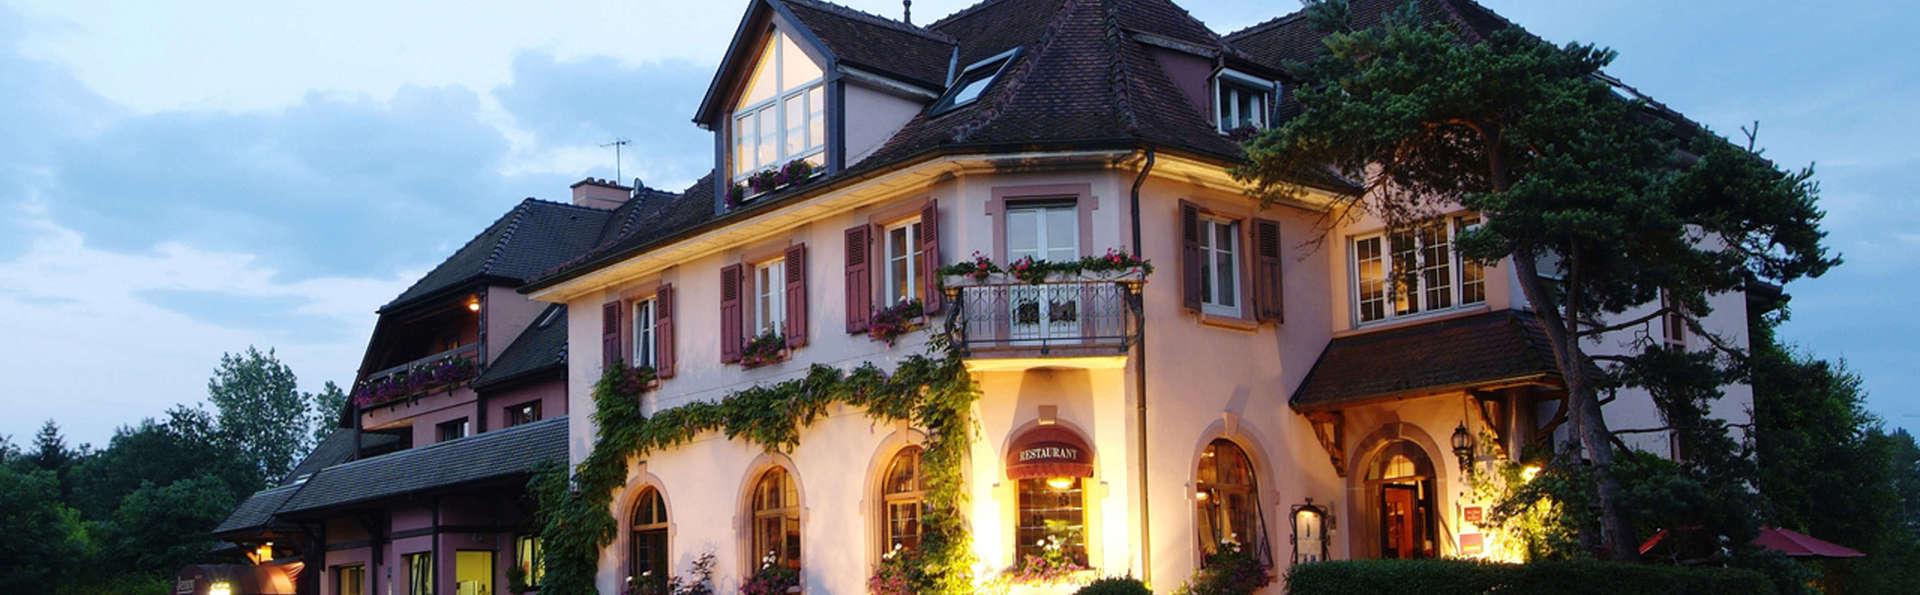 Escapade romantique et gourmande en Alsace